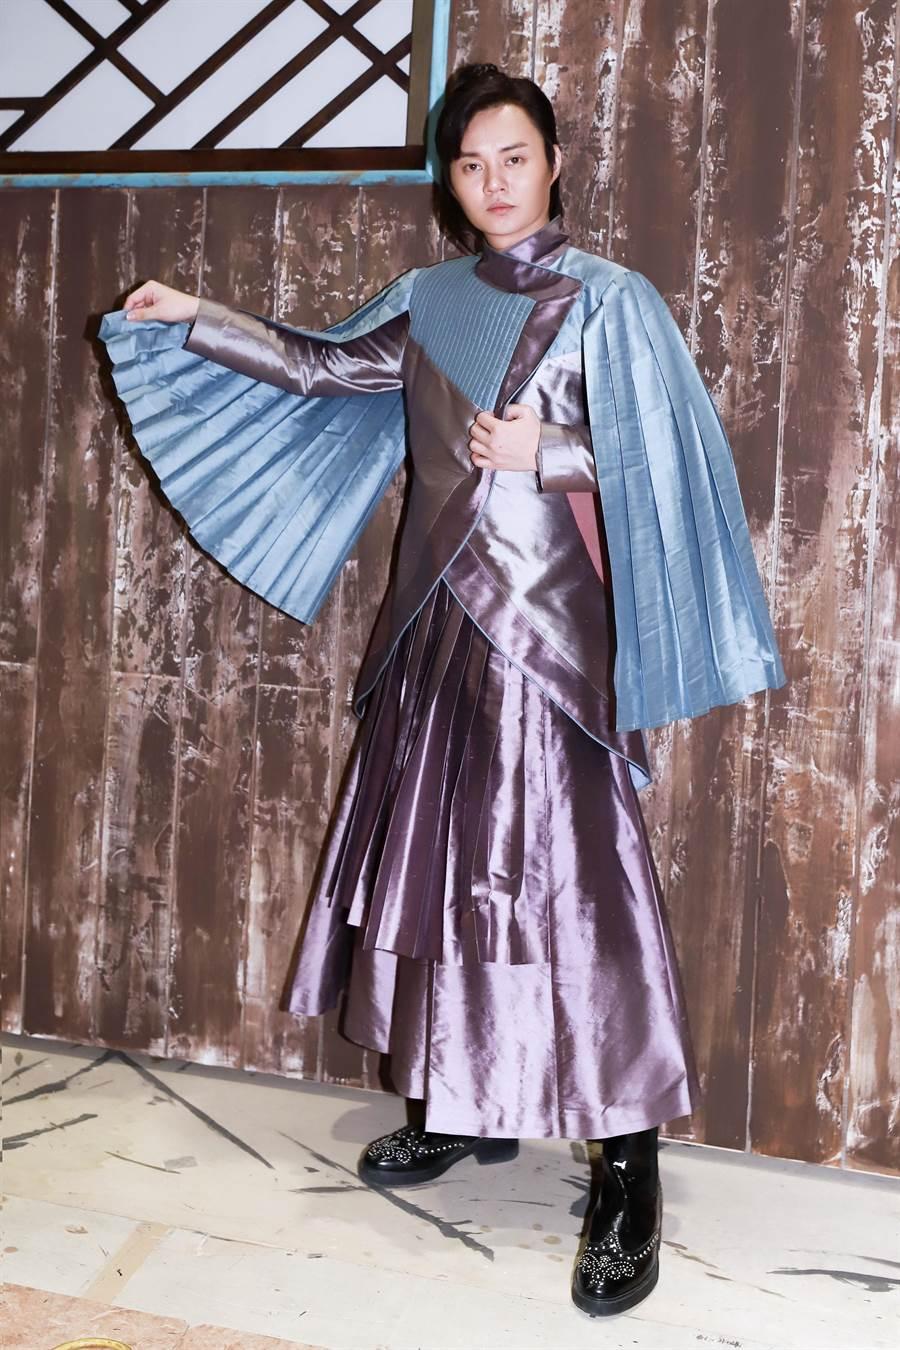 許富凱在《孟婆客棧》中飾演才藝多采多姿的小諸葛。(民視提供)